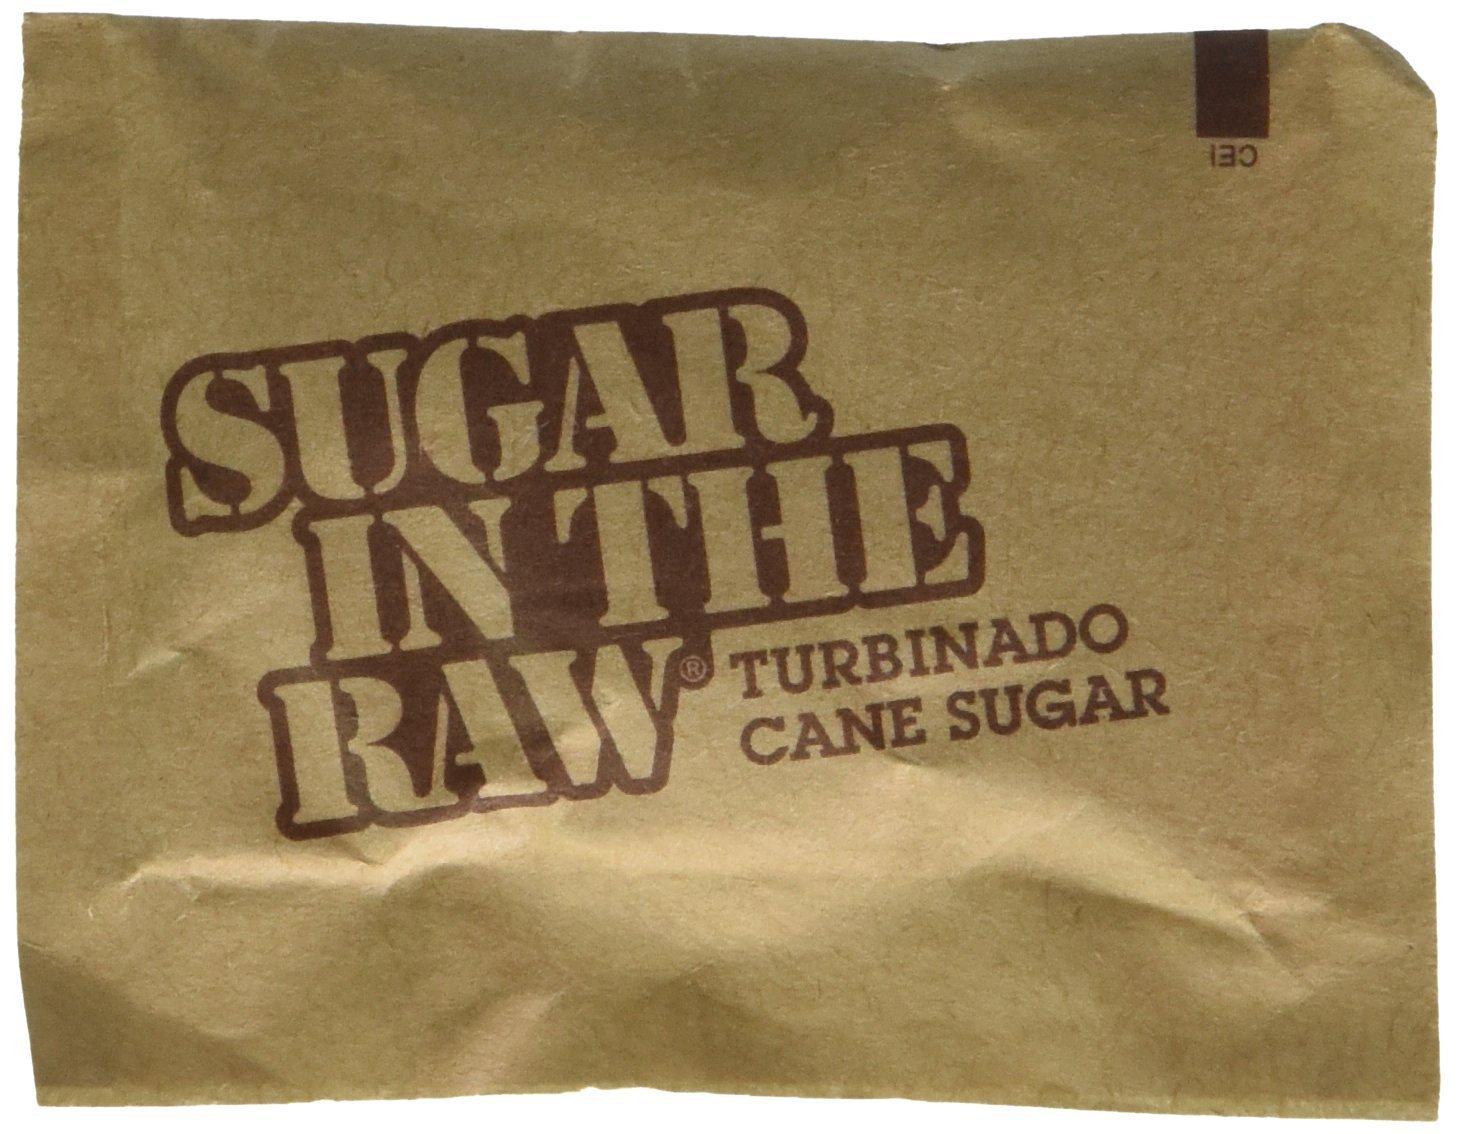 Sugar in the Raw/Raw Sugar Natural Cane Turbinado from Hawaii/Box of 250 packets